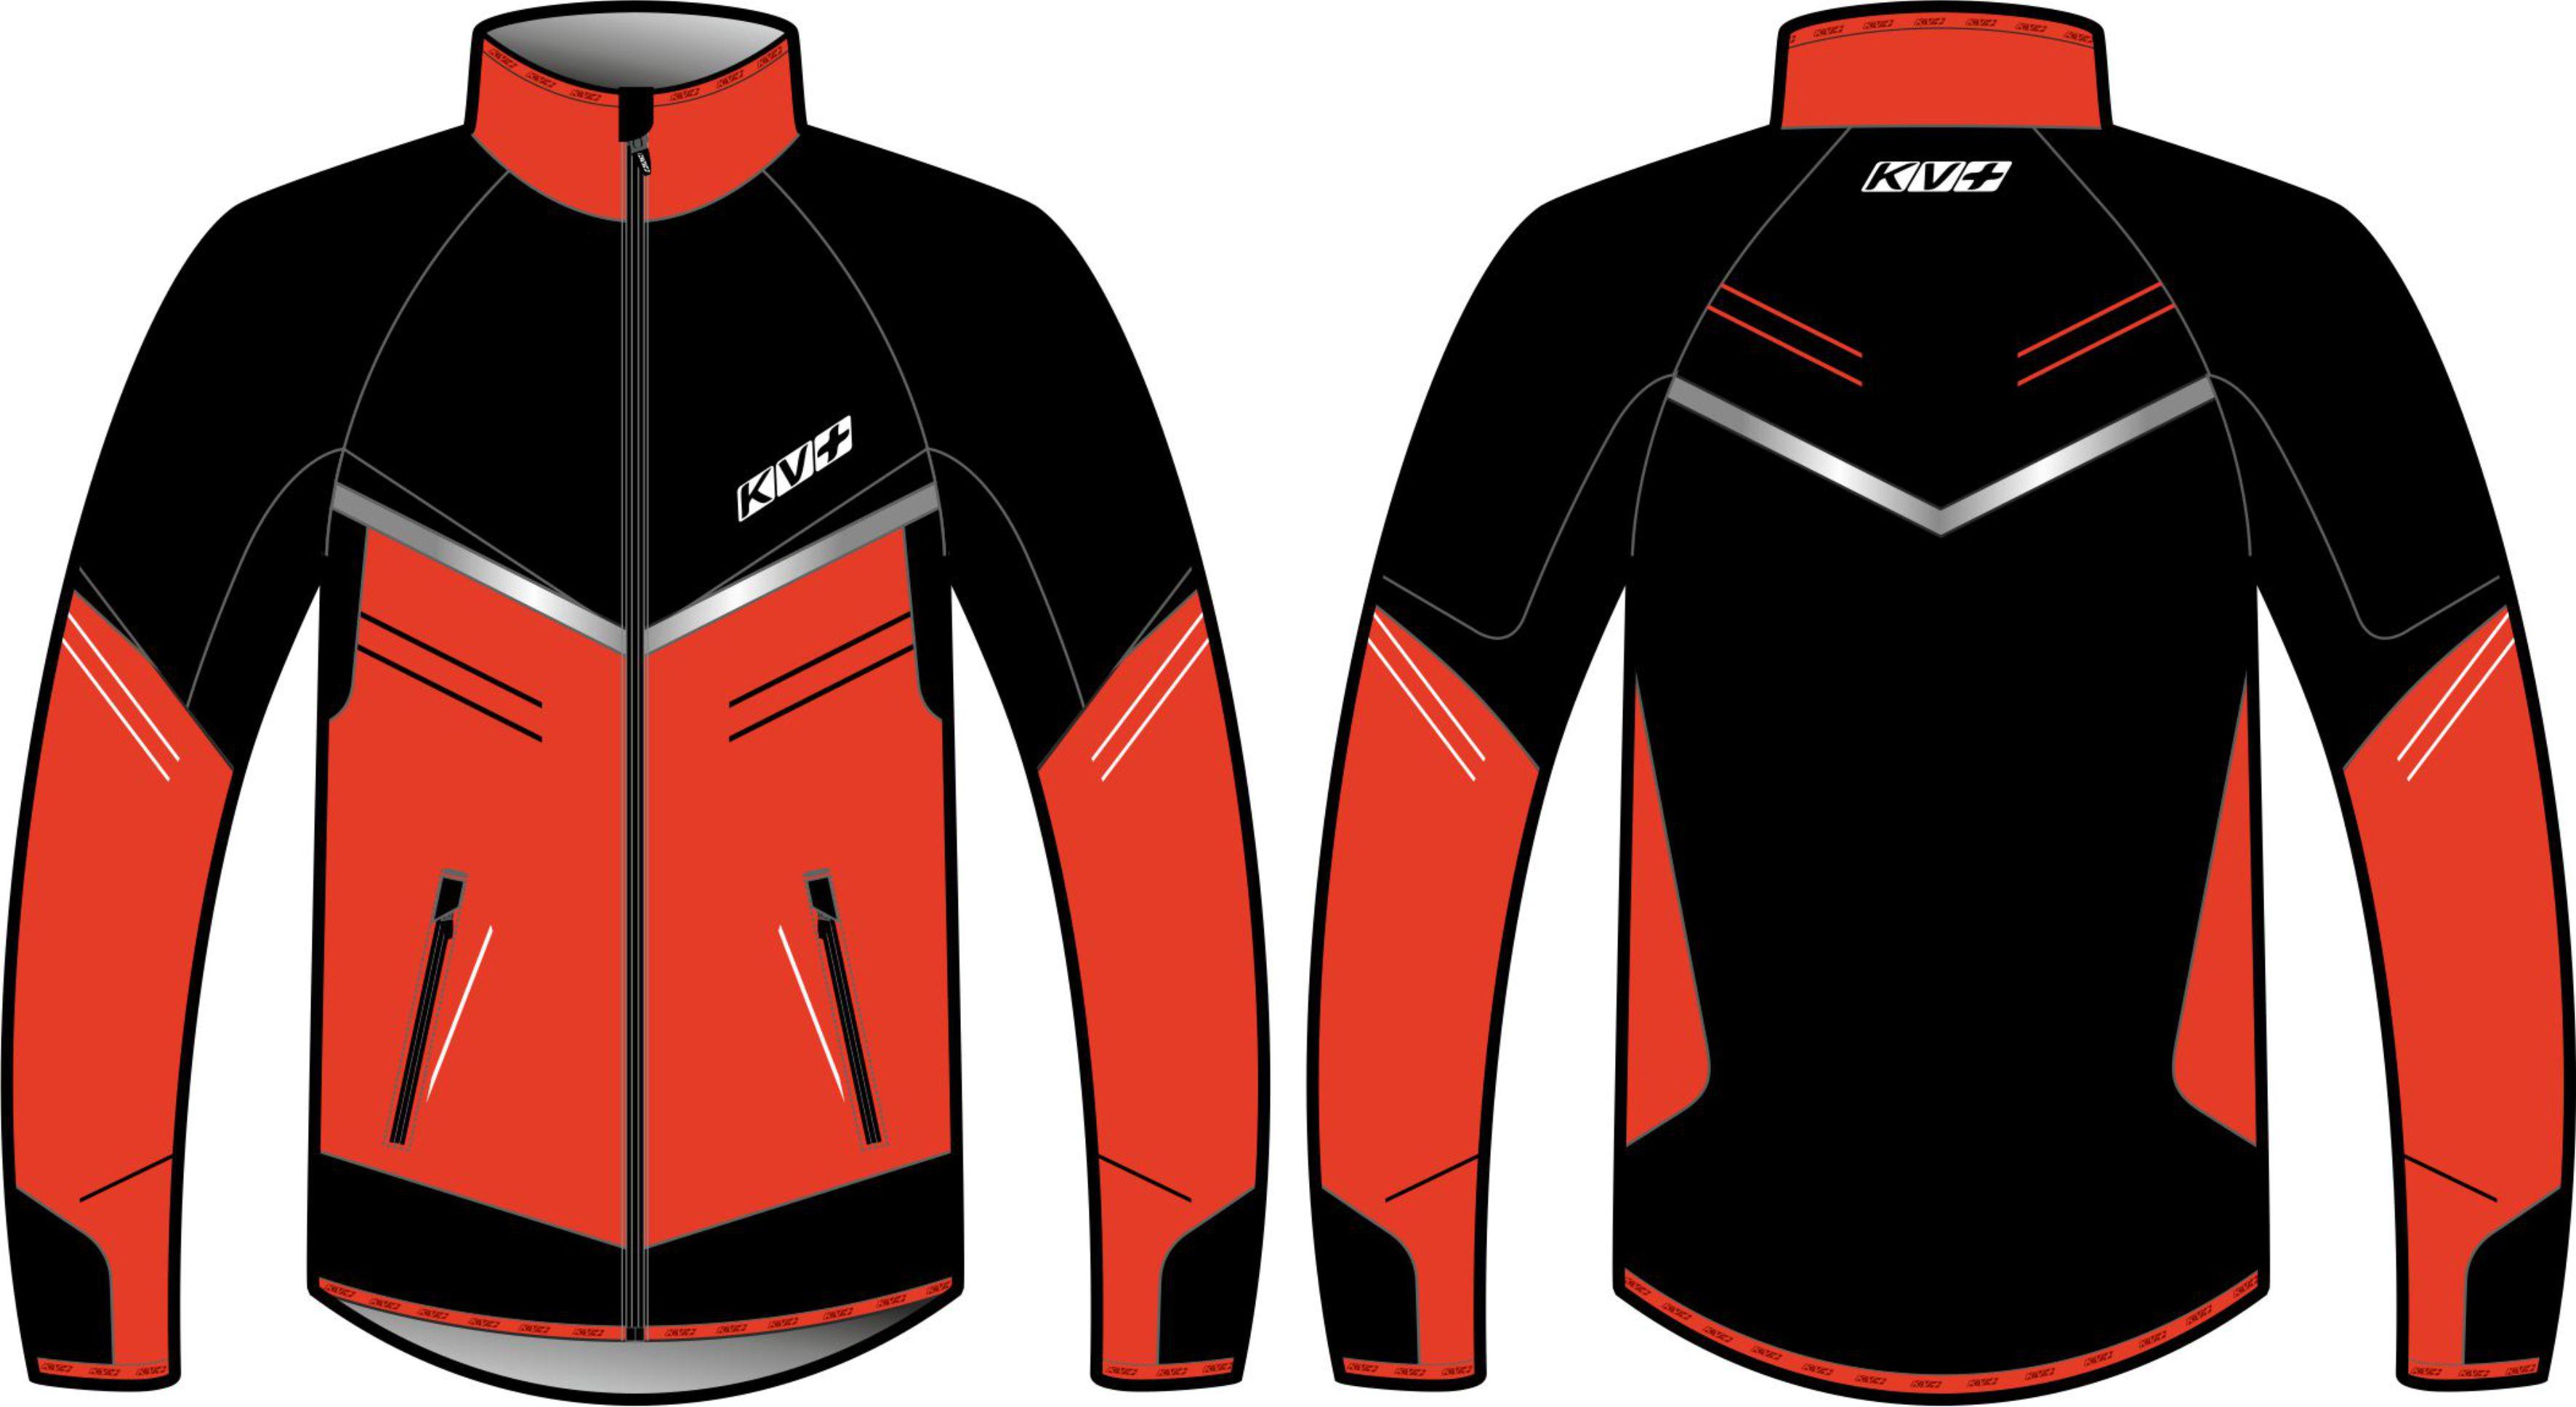 PREMIUM JACKET UNISEX (black/red)